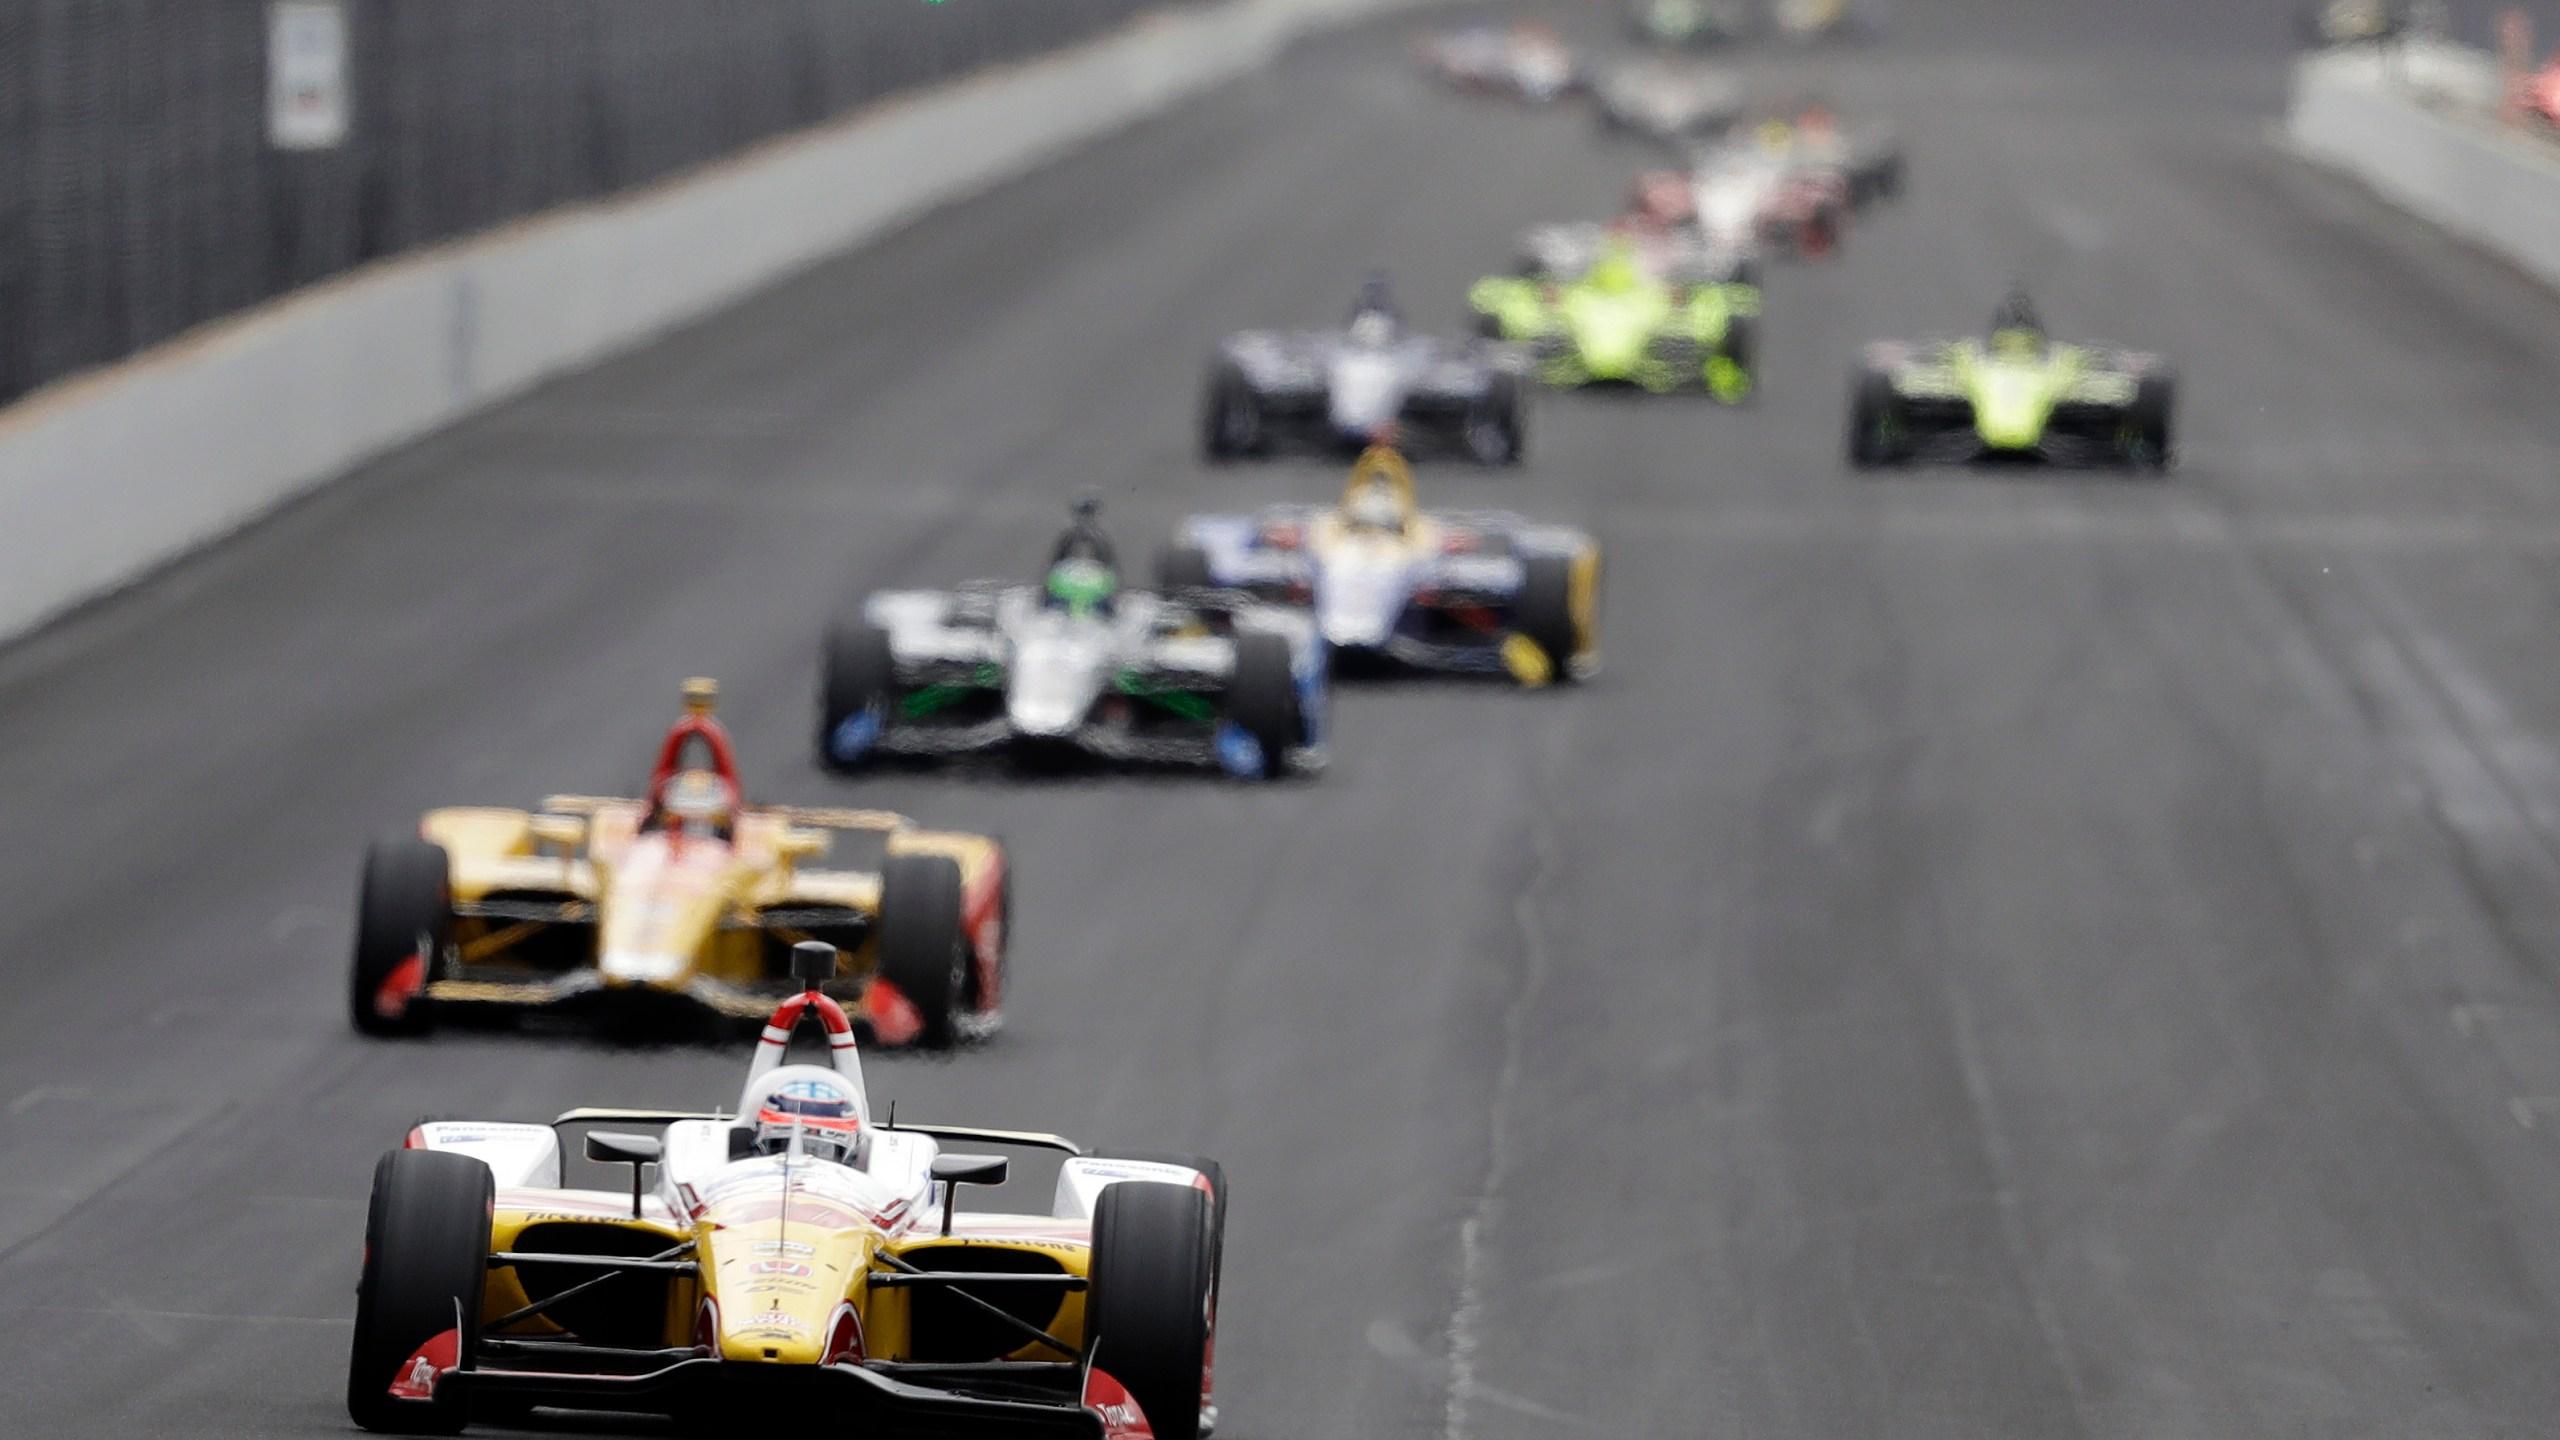 IndyCar Indy 500 Auto Racing_1558461684930